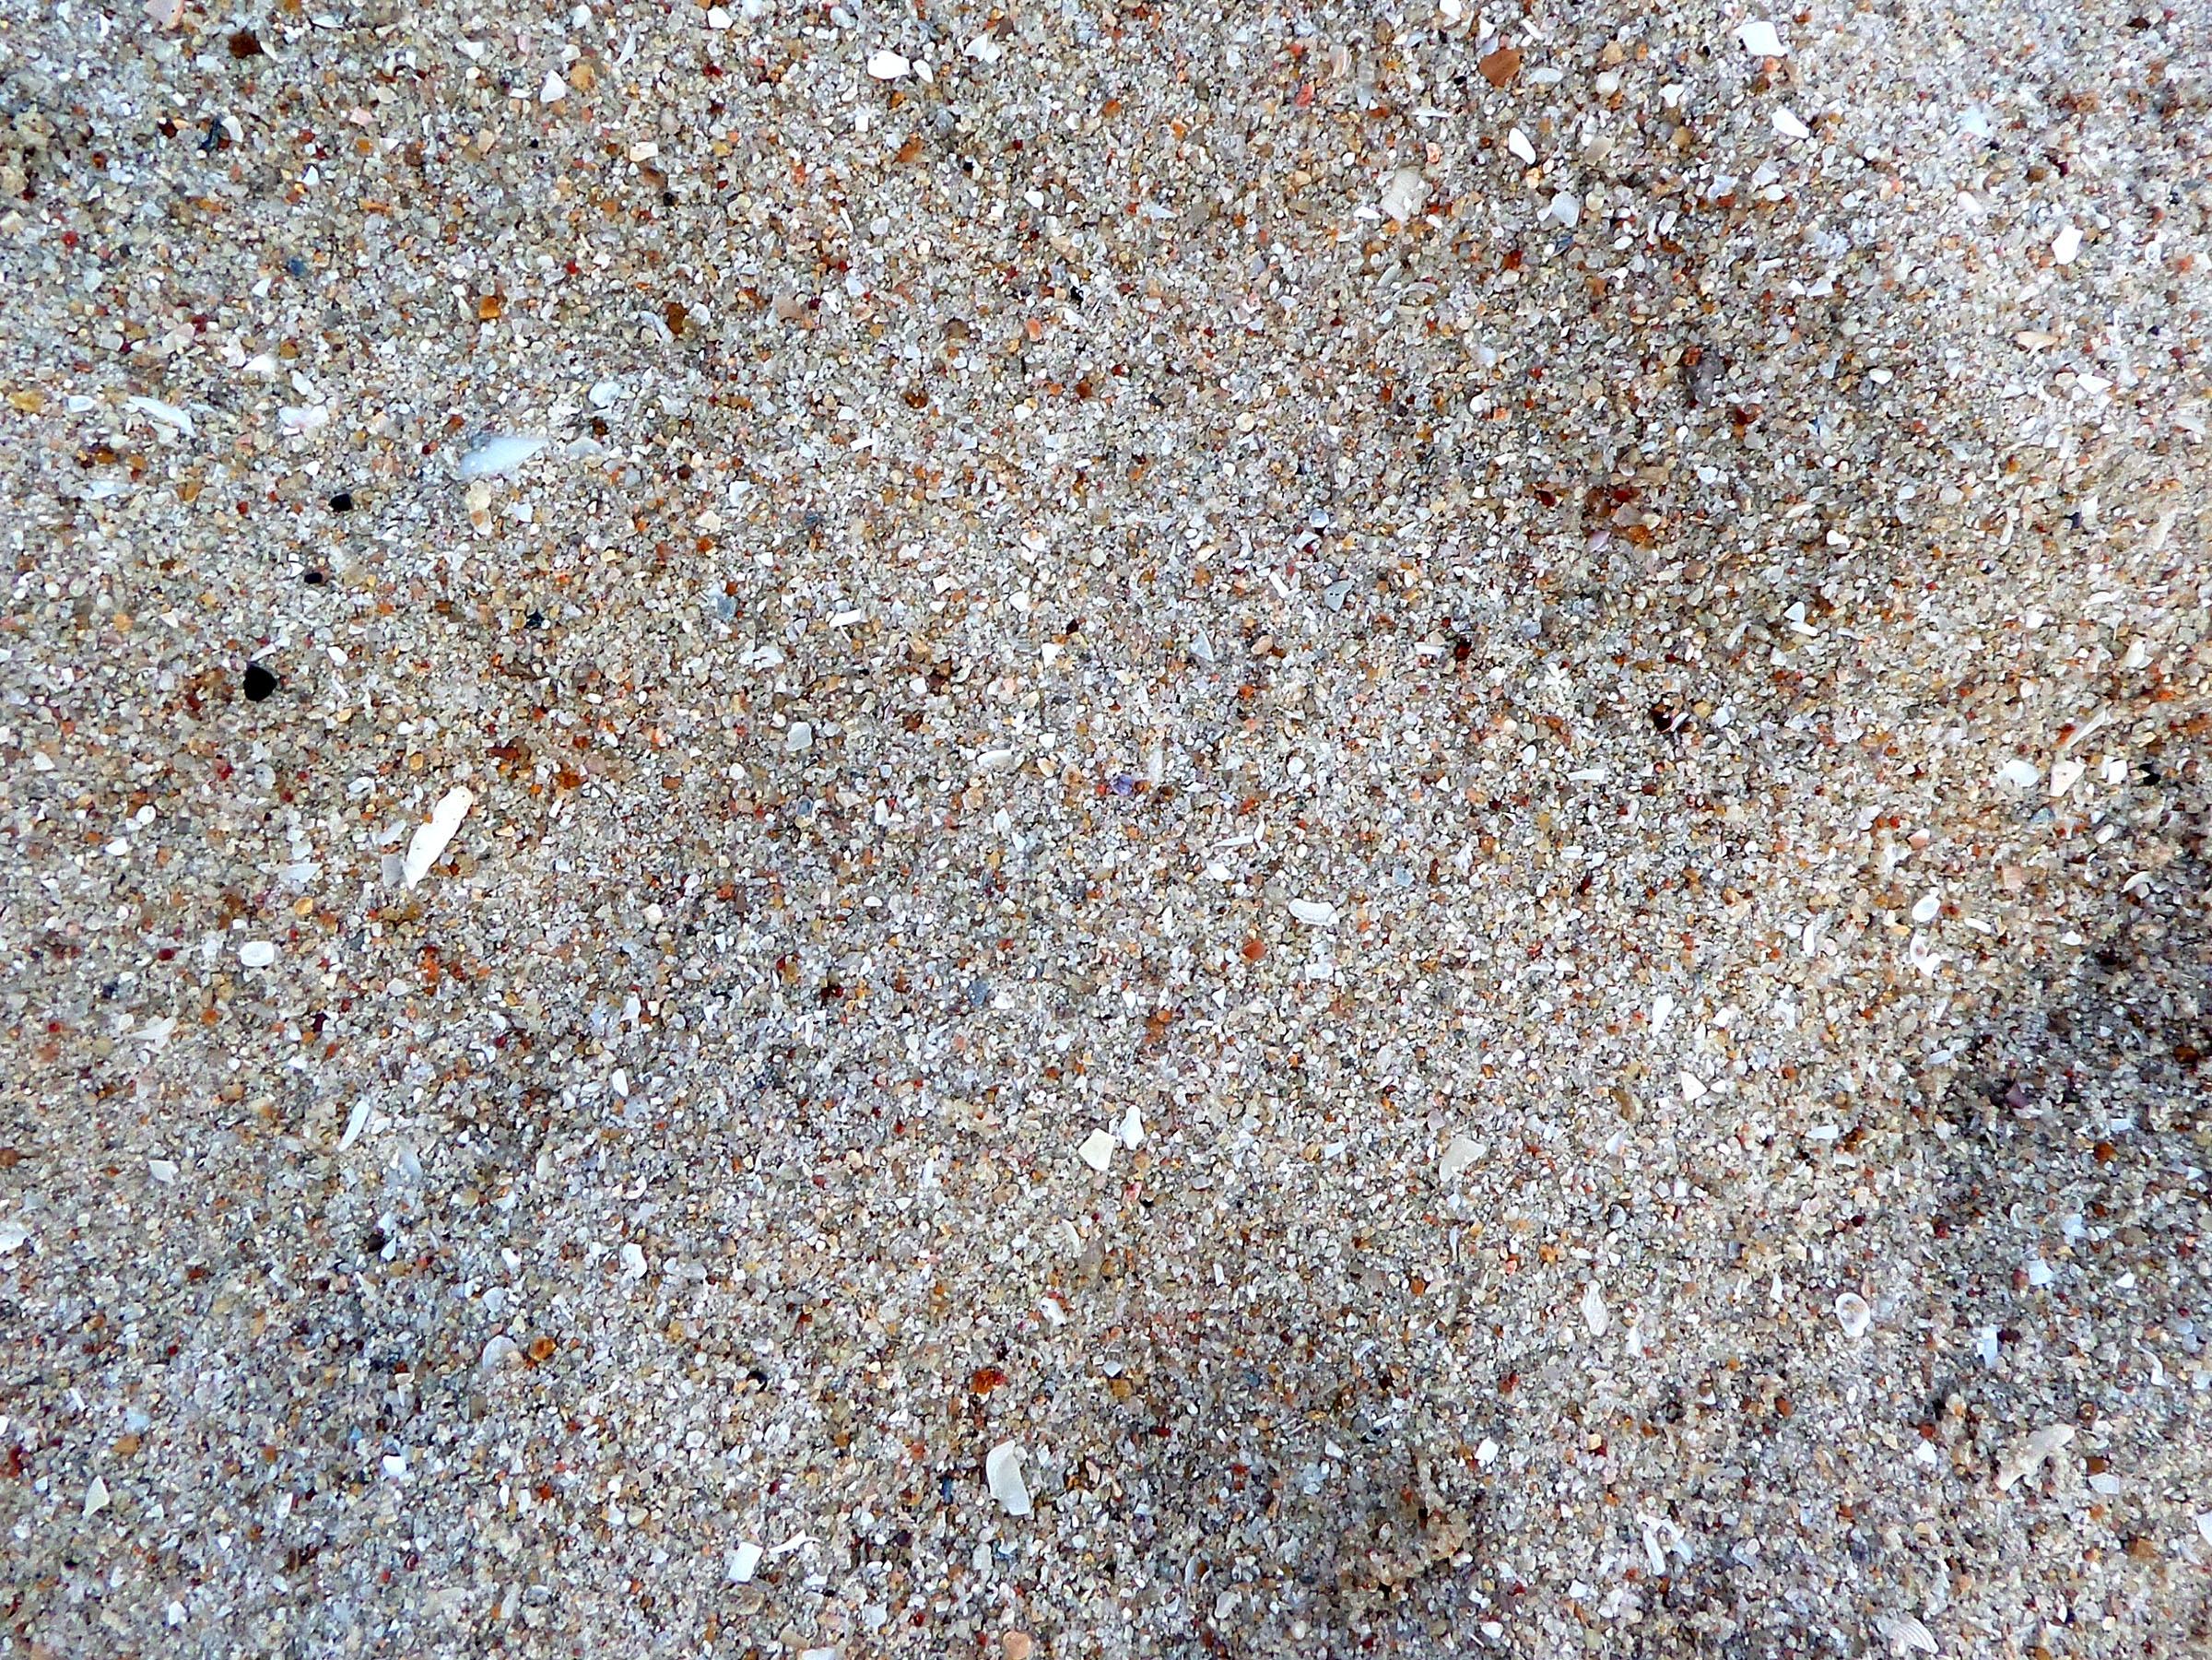 Sand texture, Beach, Grains, Granular, Sand, HQ Photo